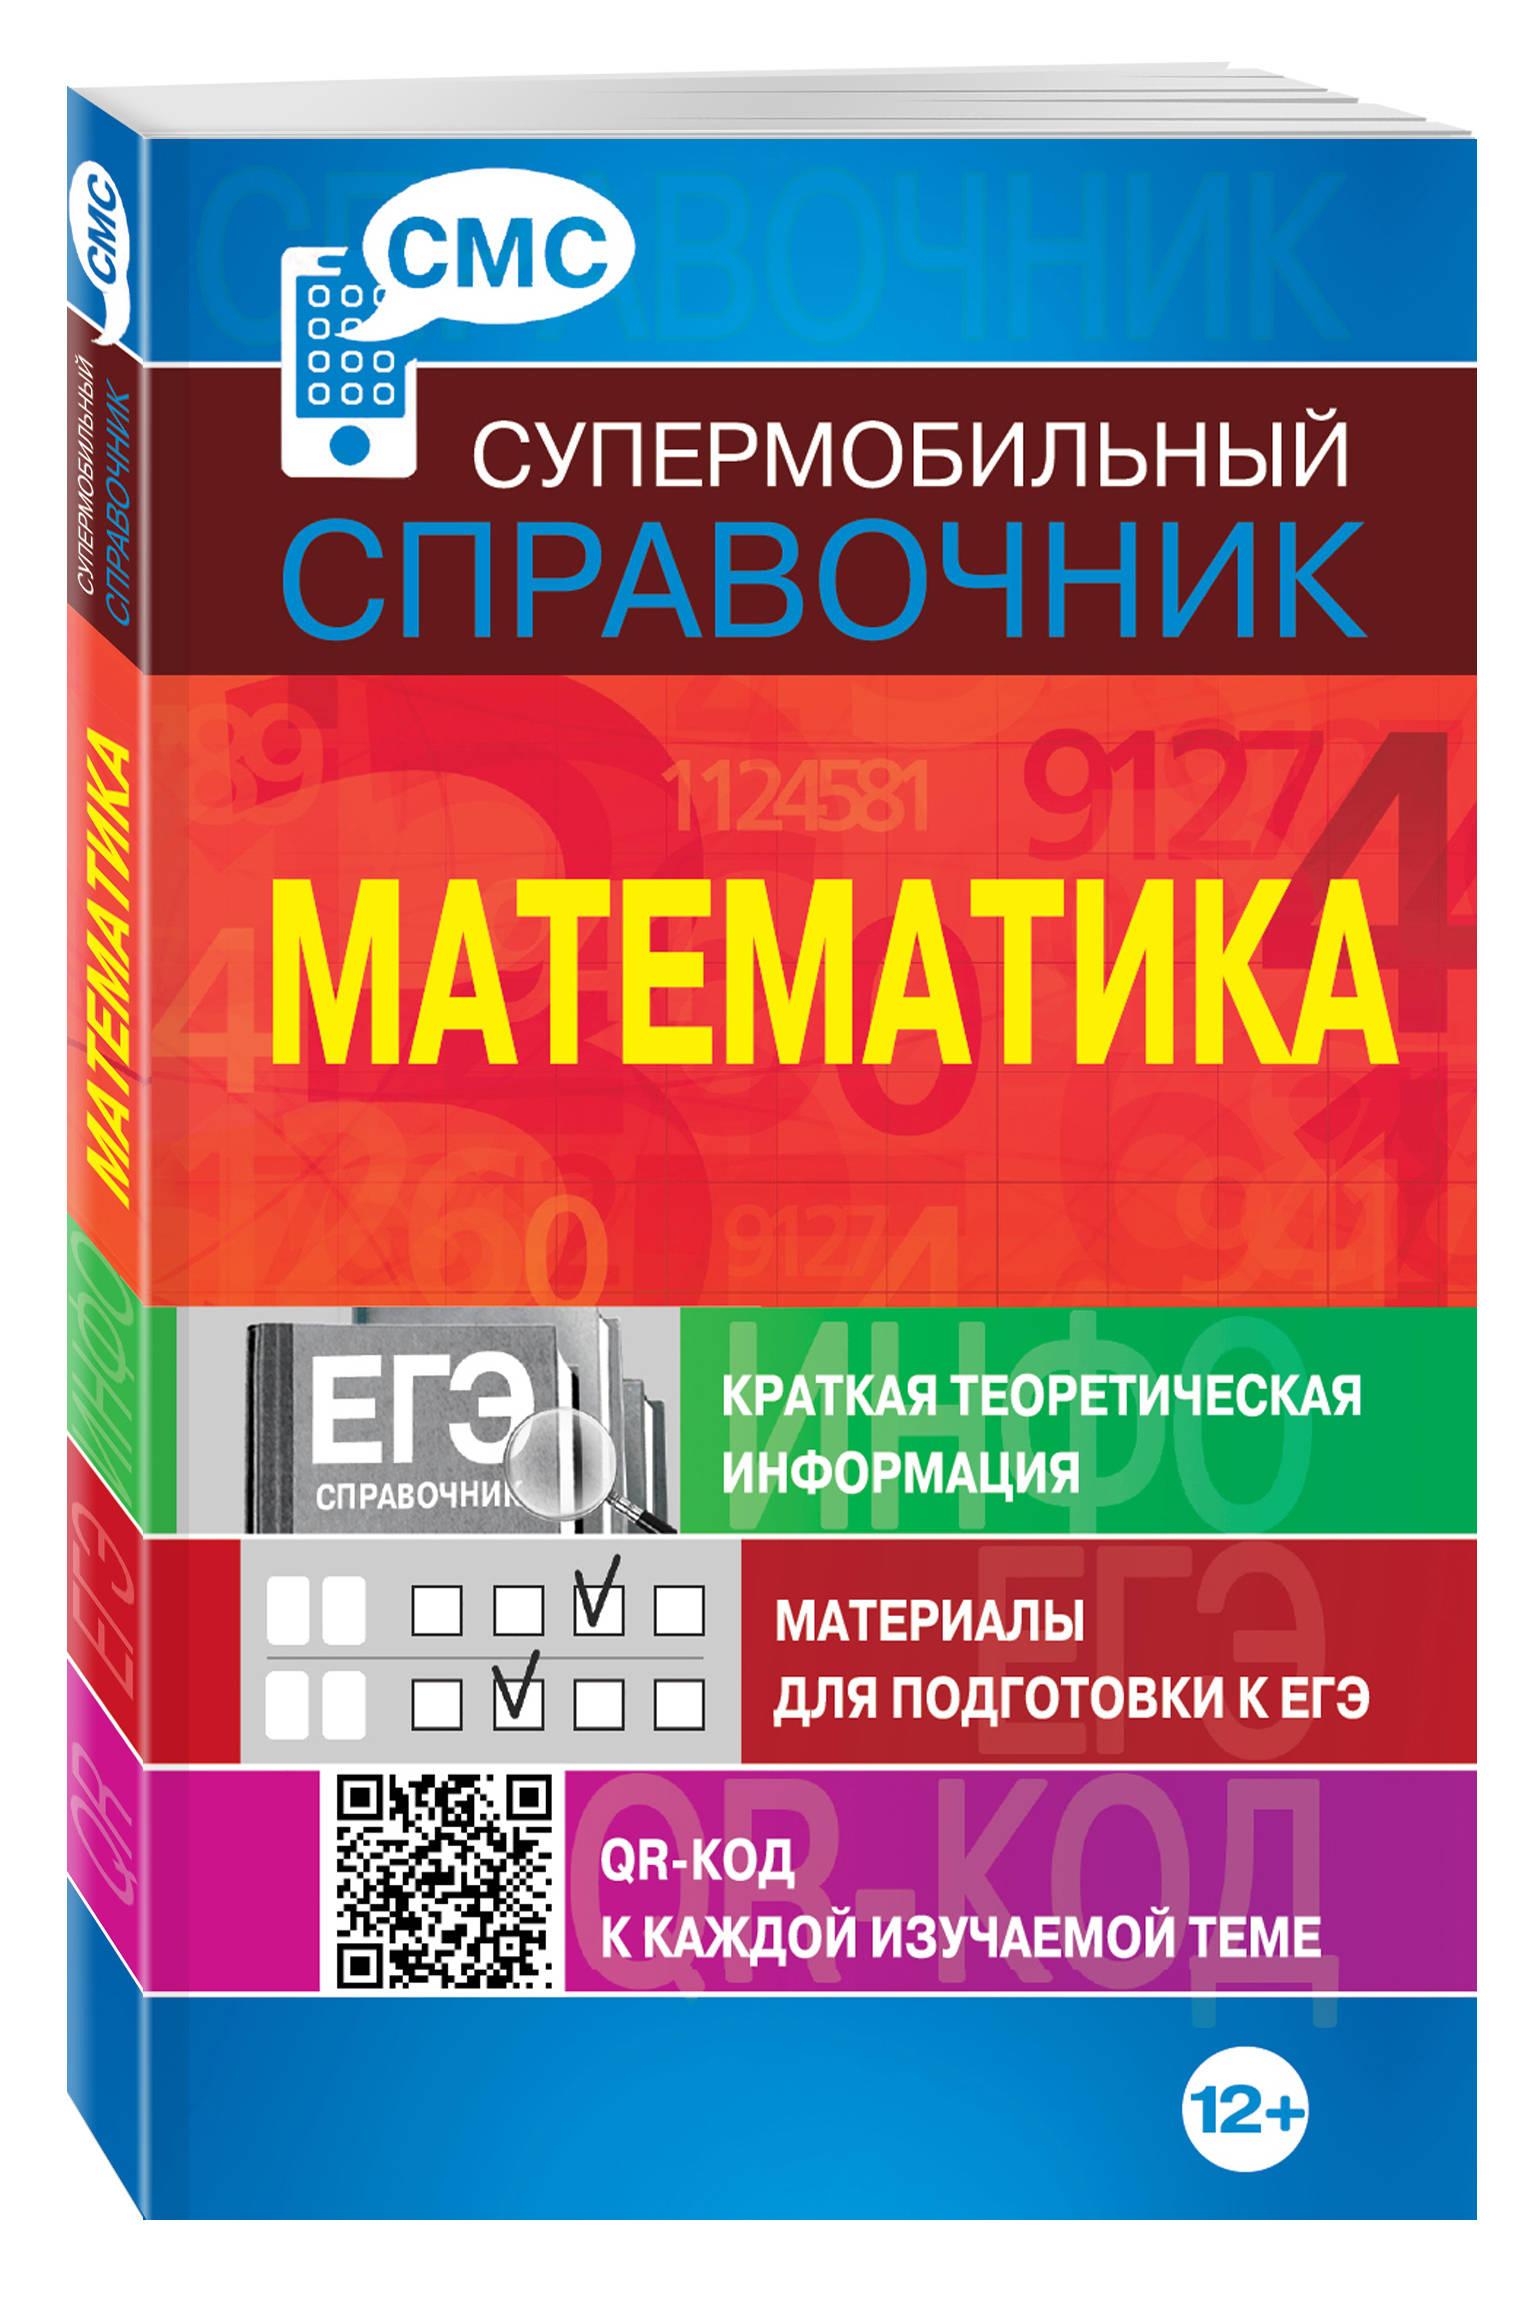 В.И. Вербицкий Математика (СМС)